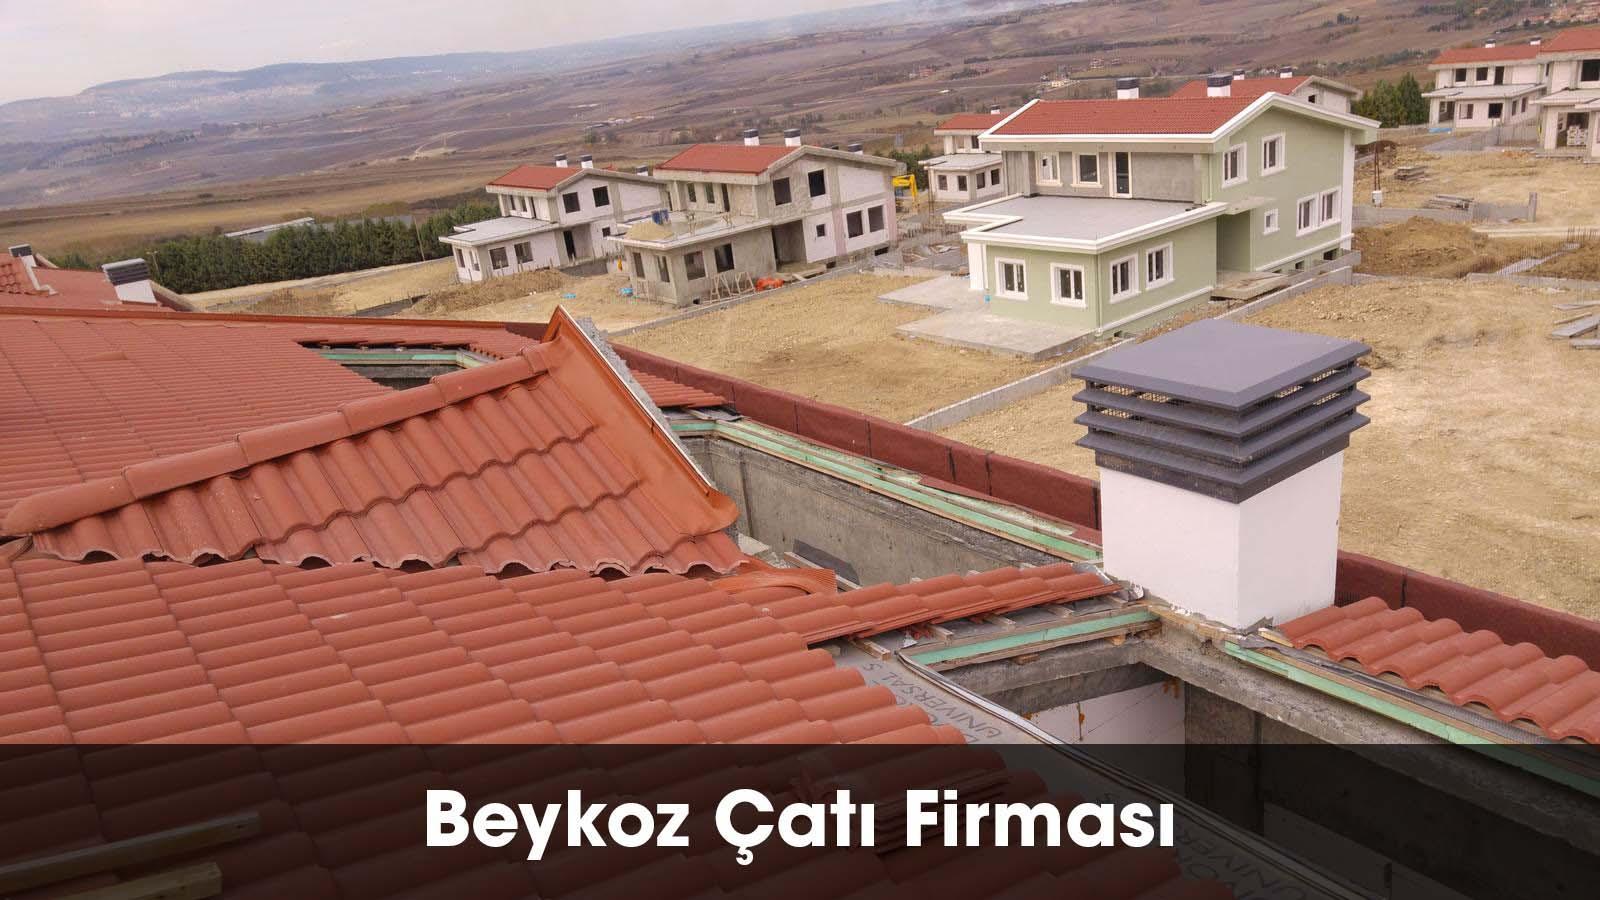 Beykoz çatı firması